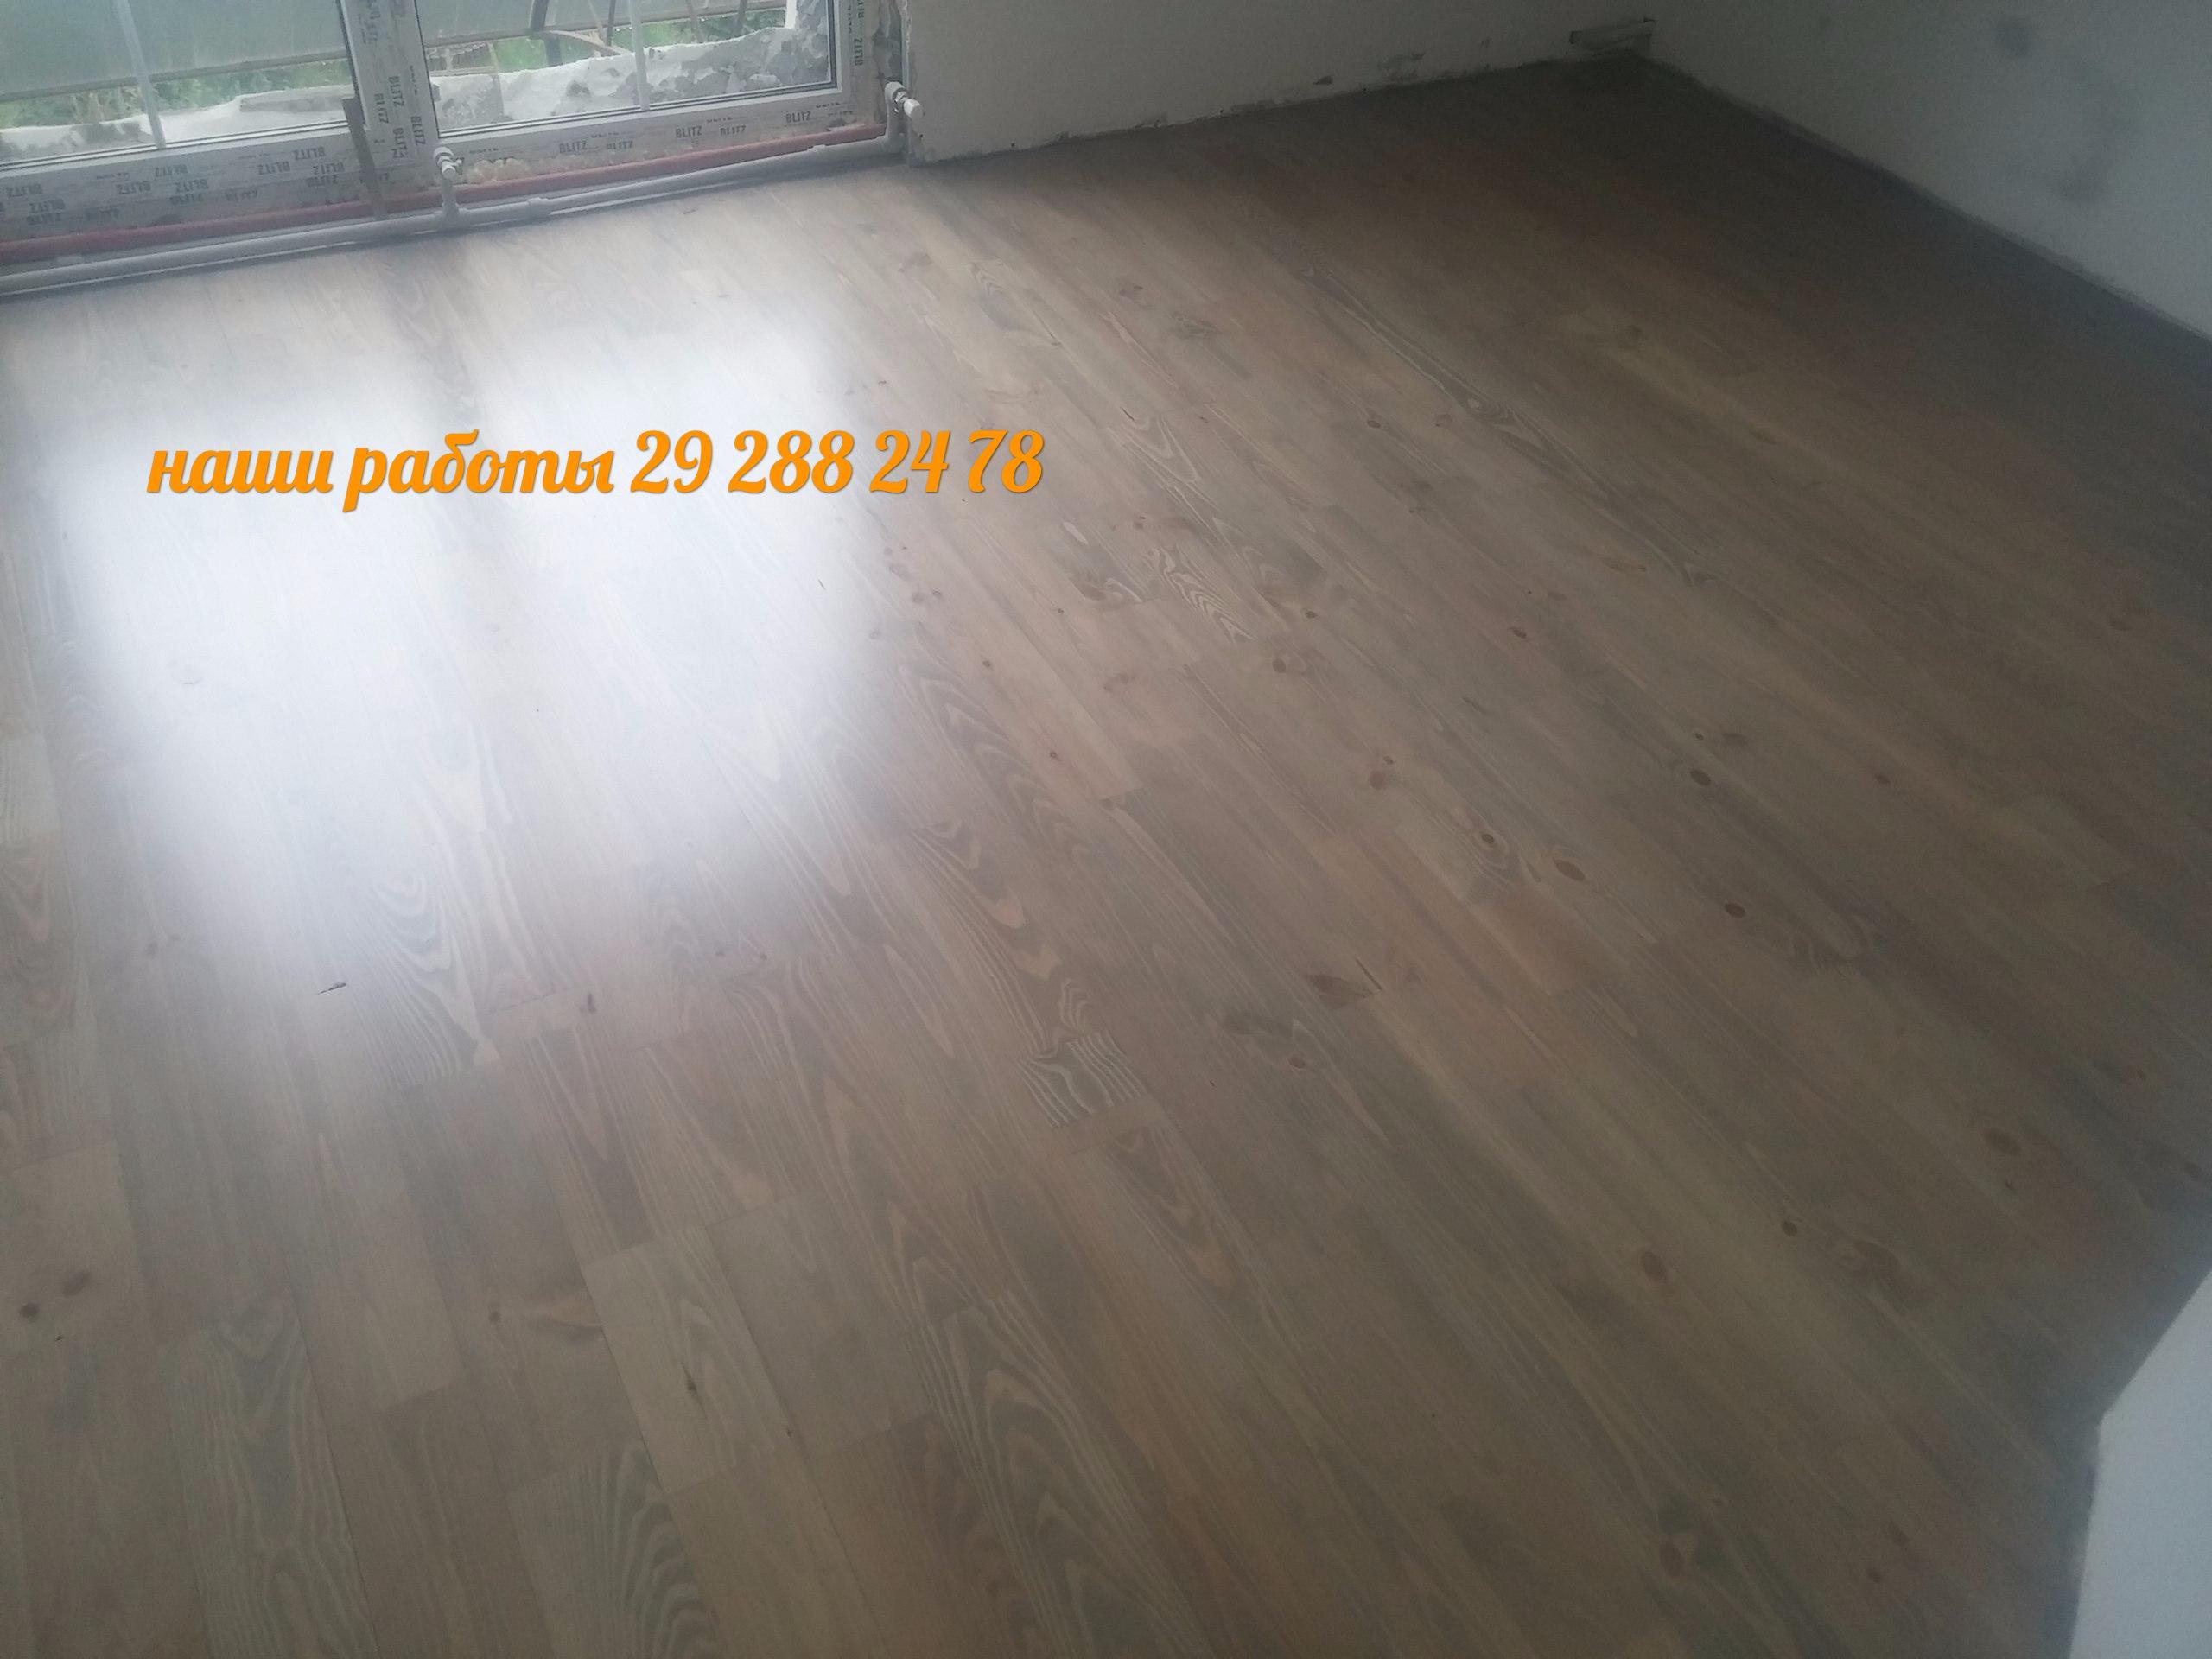 WvqiLct904k